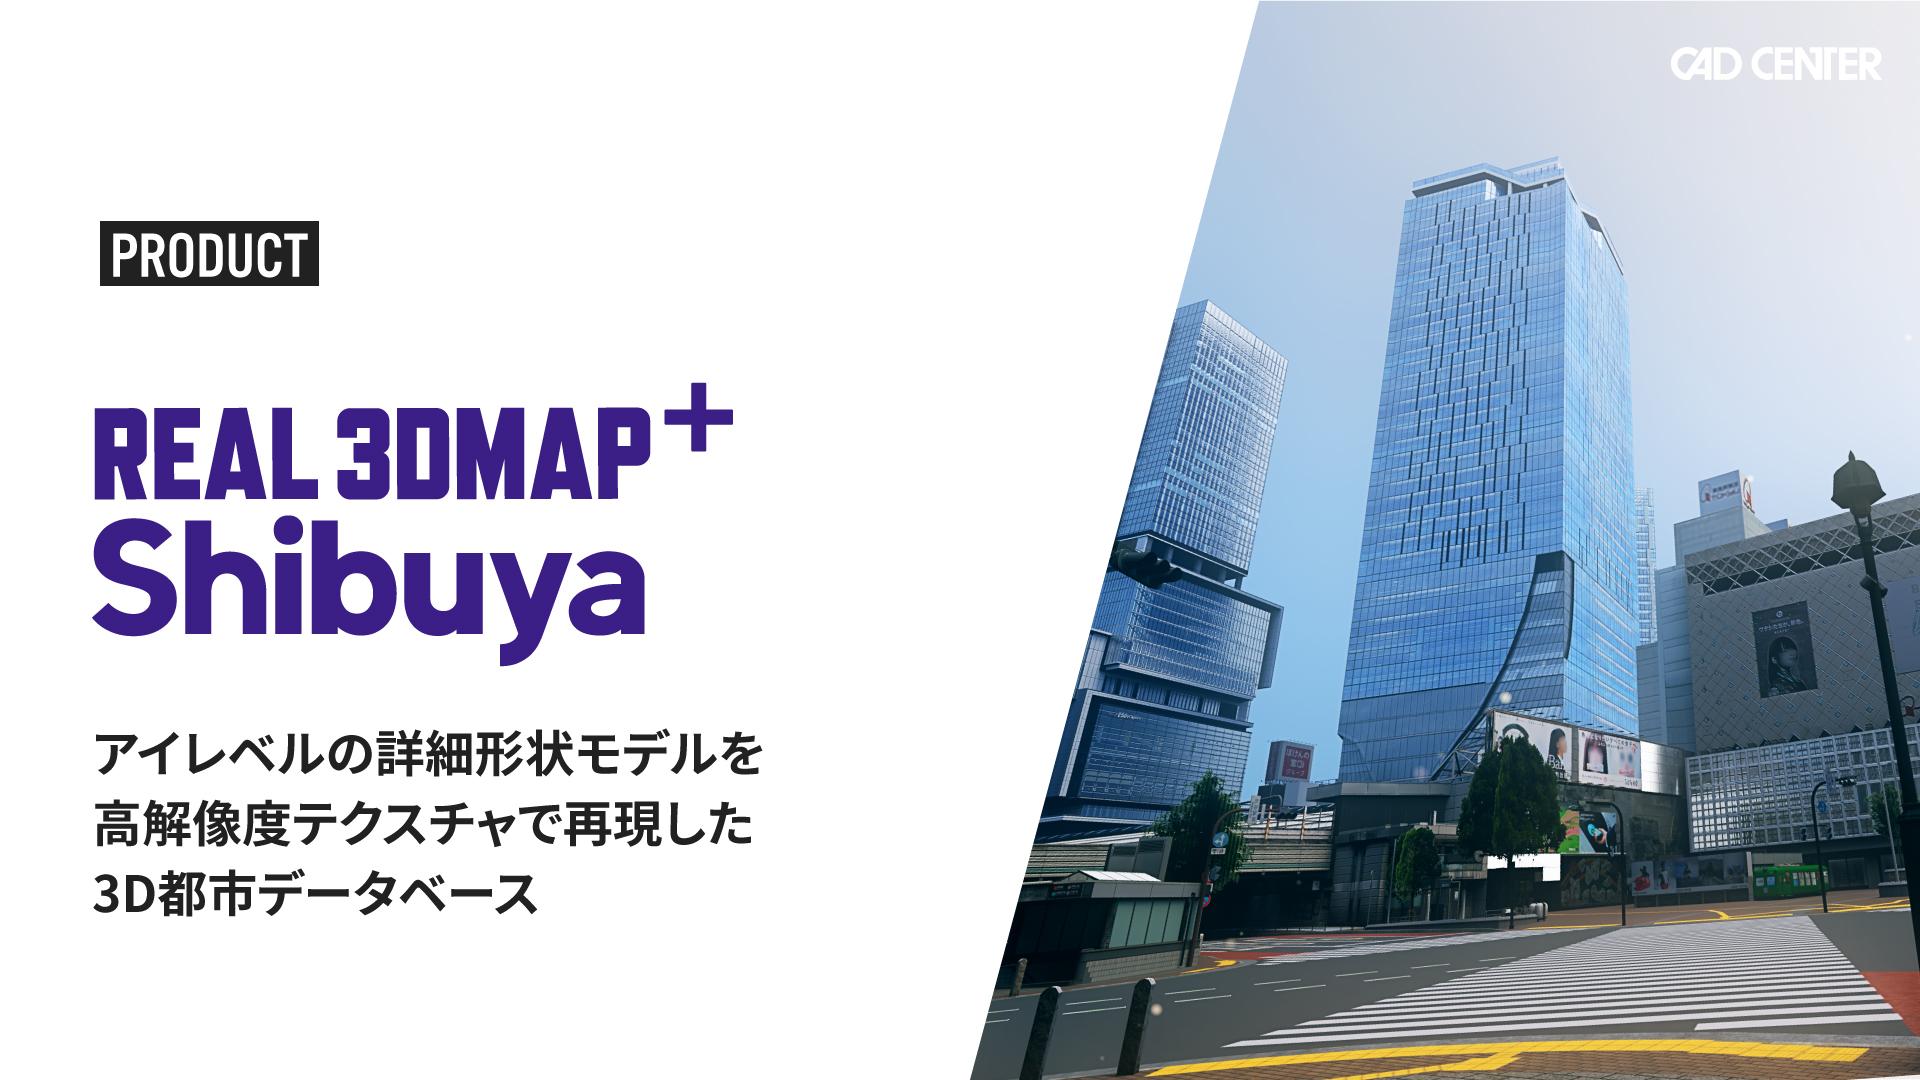 アイレベルの詳細形状モデルを高解像度テクスチャで再現した3D都市データベースです。